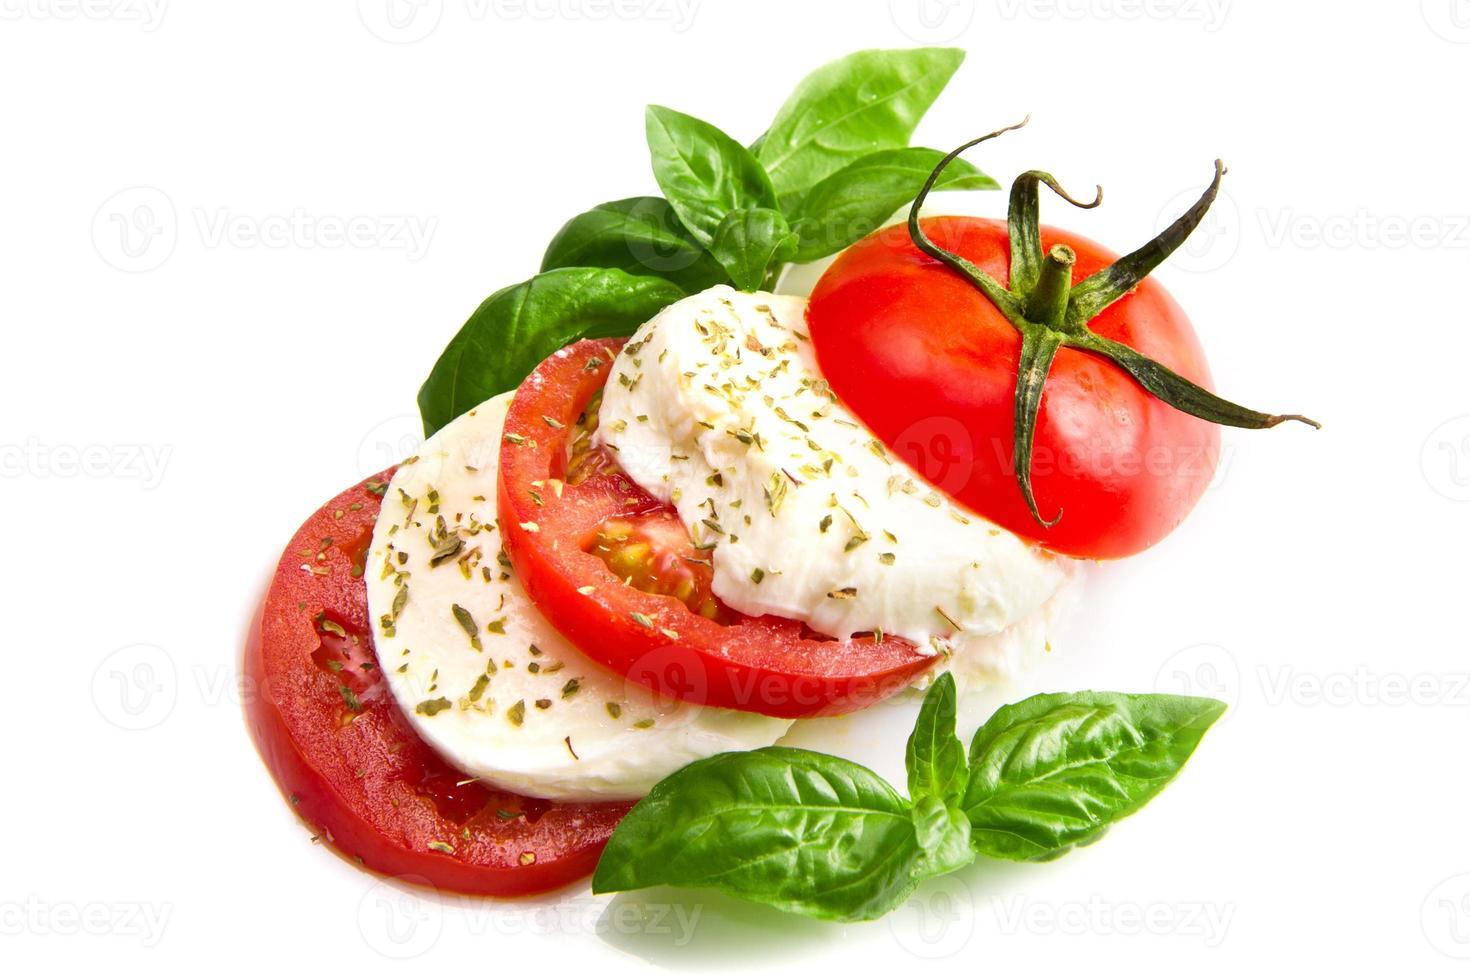 tomate e mussarela com manjericão folhas em branco foto